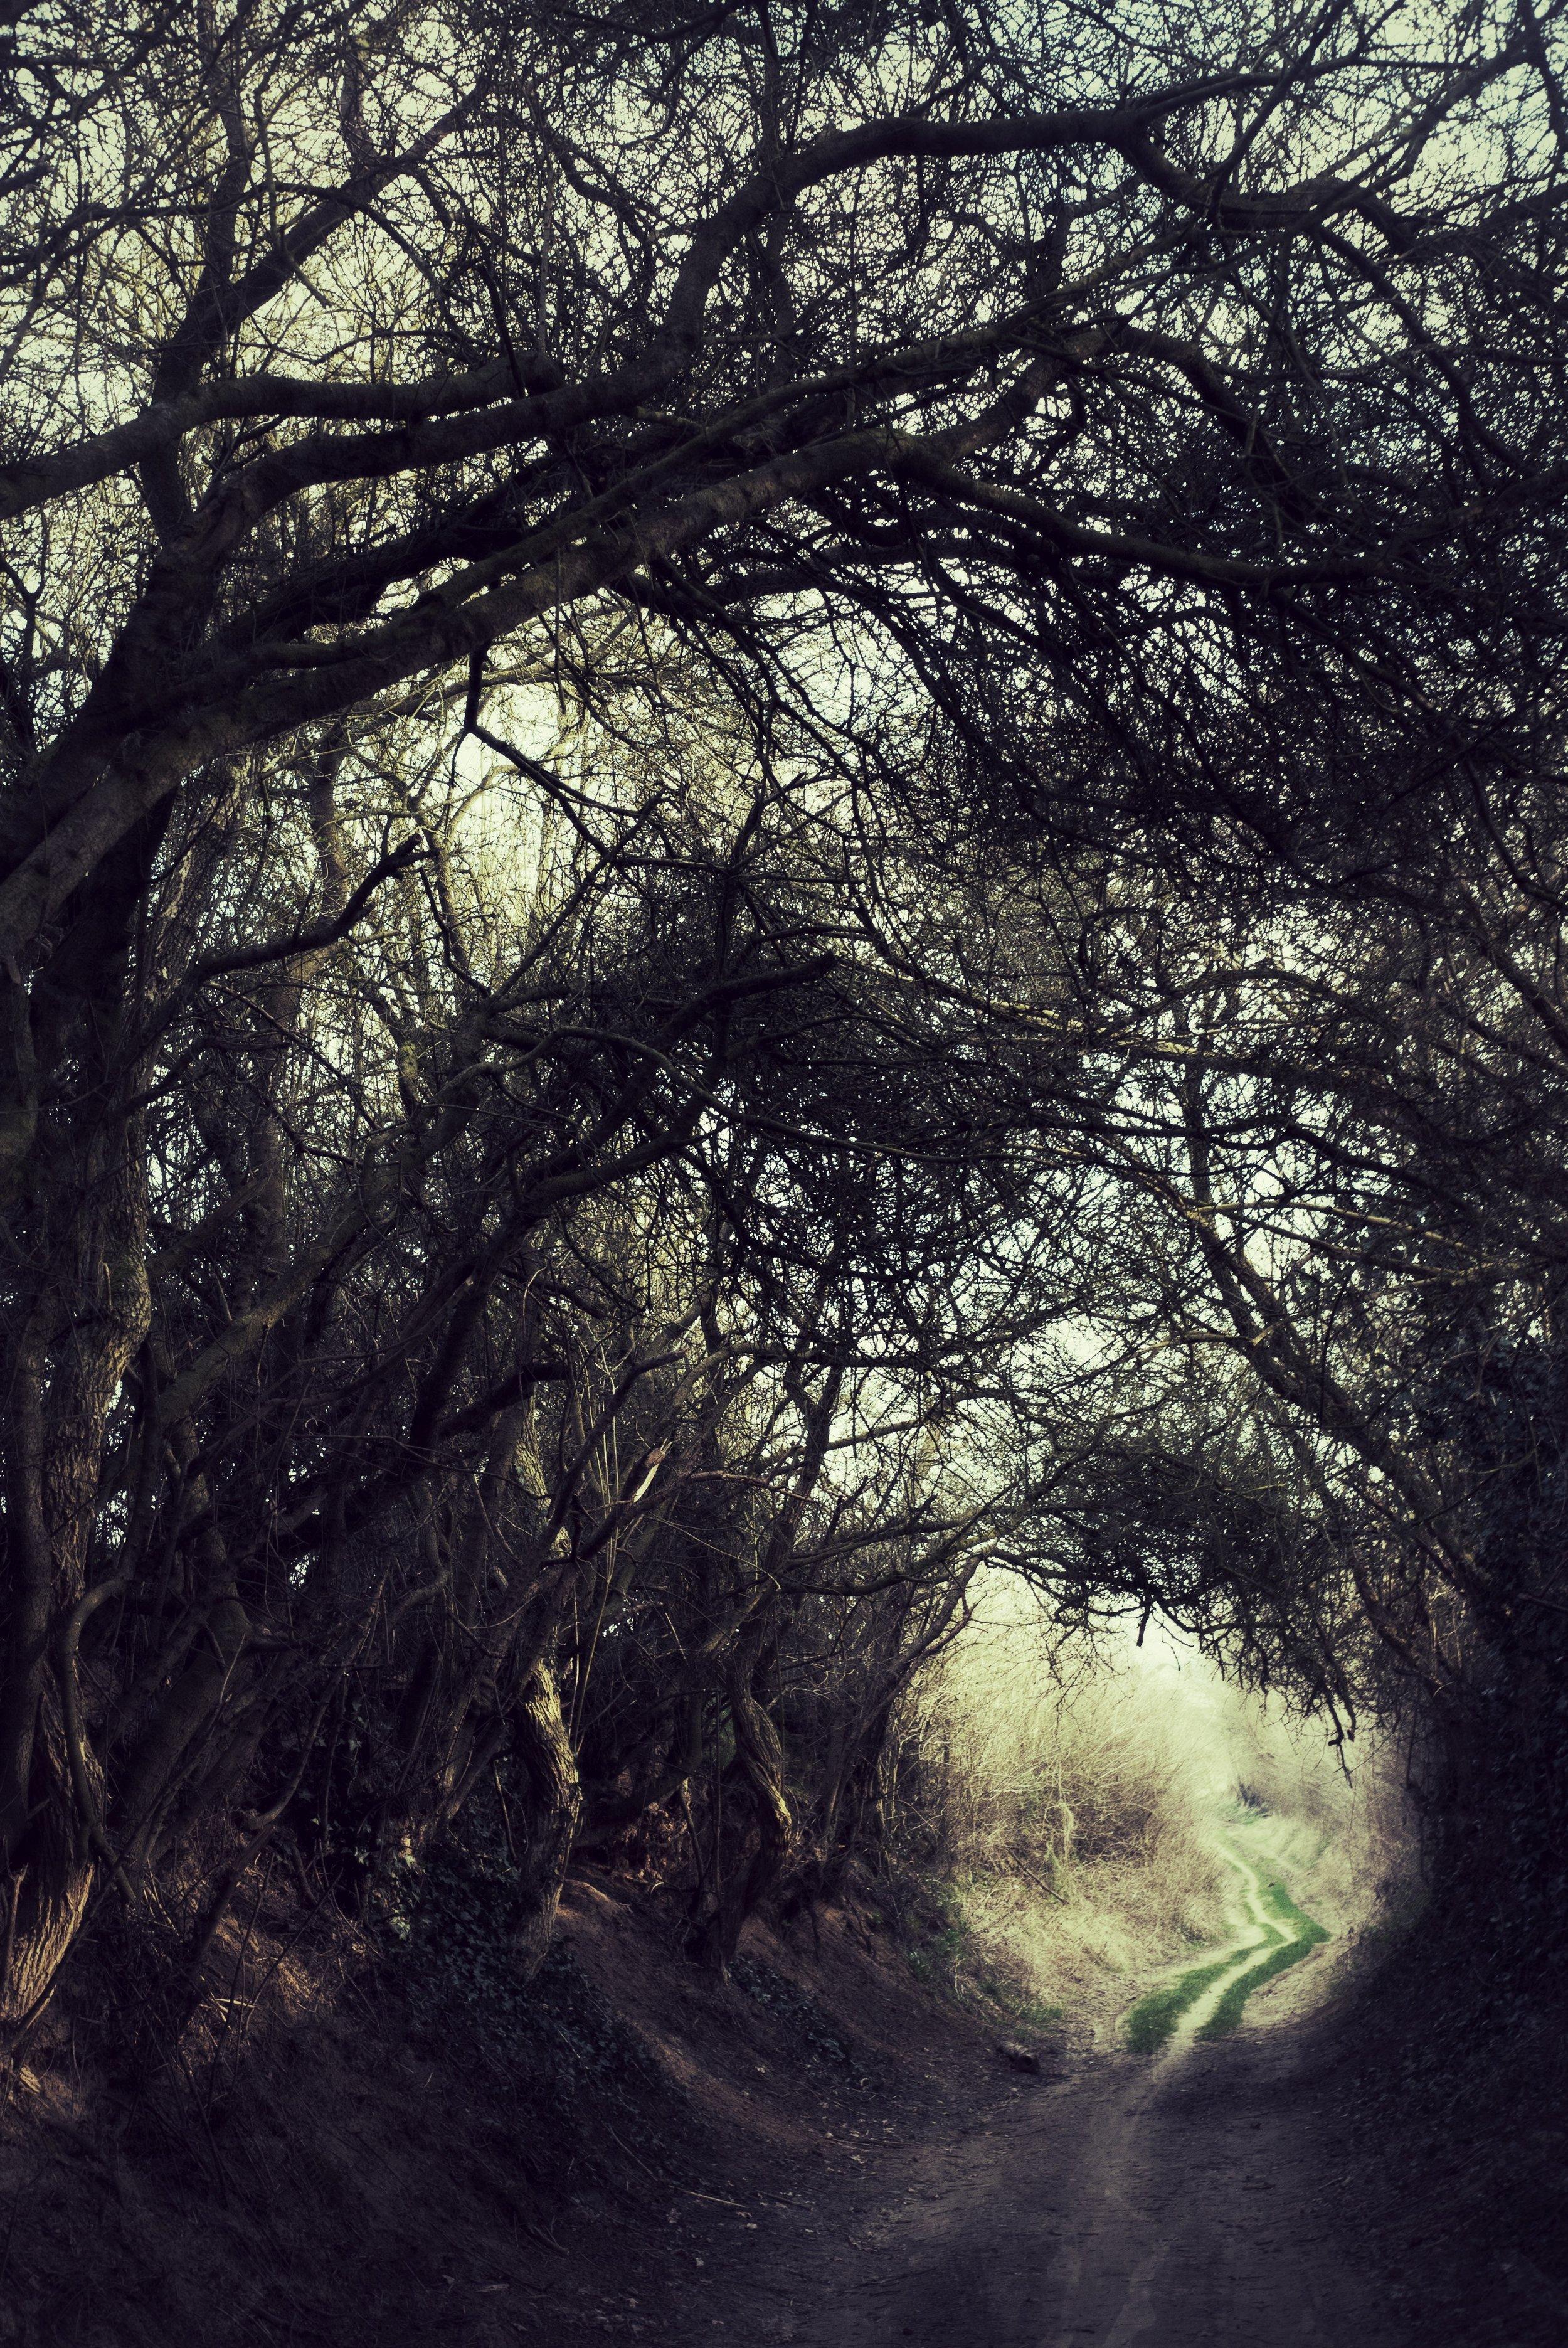 DSC04957_Snapseed.jpg